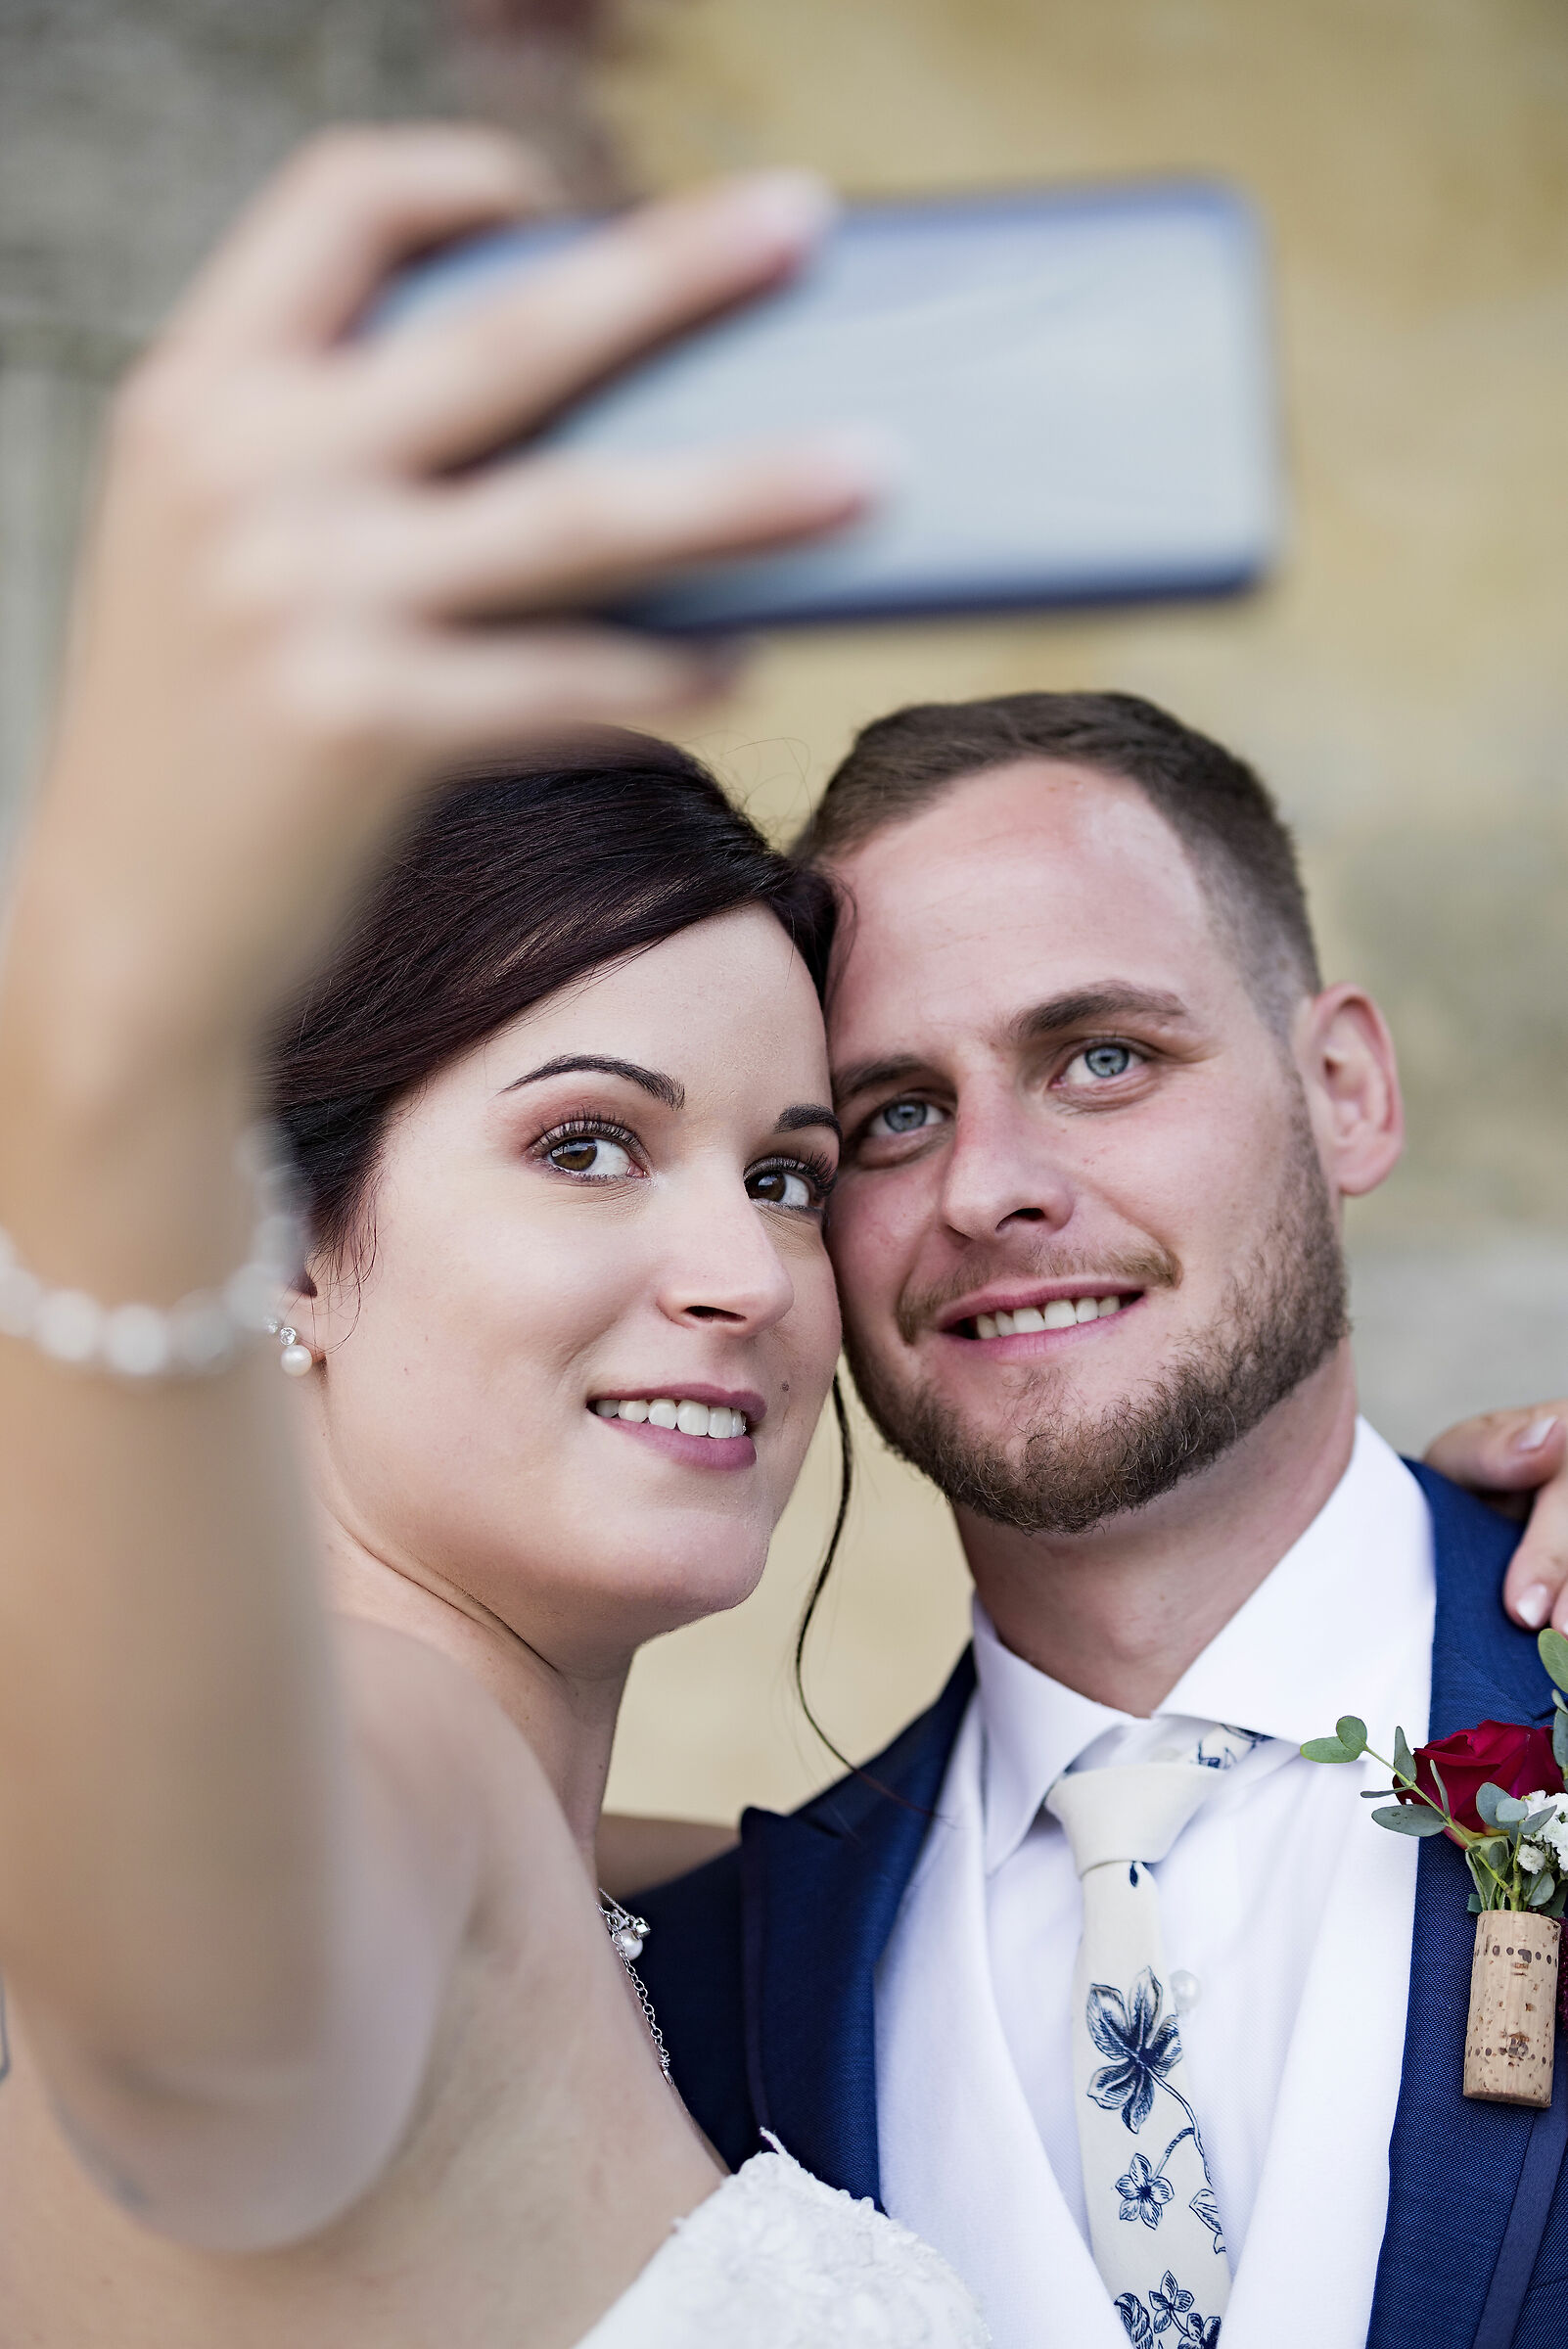 Wedding selfie ...